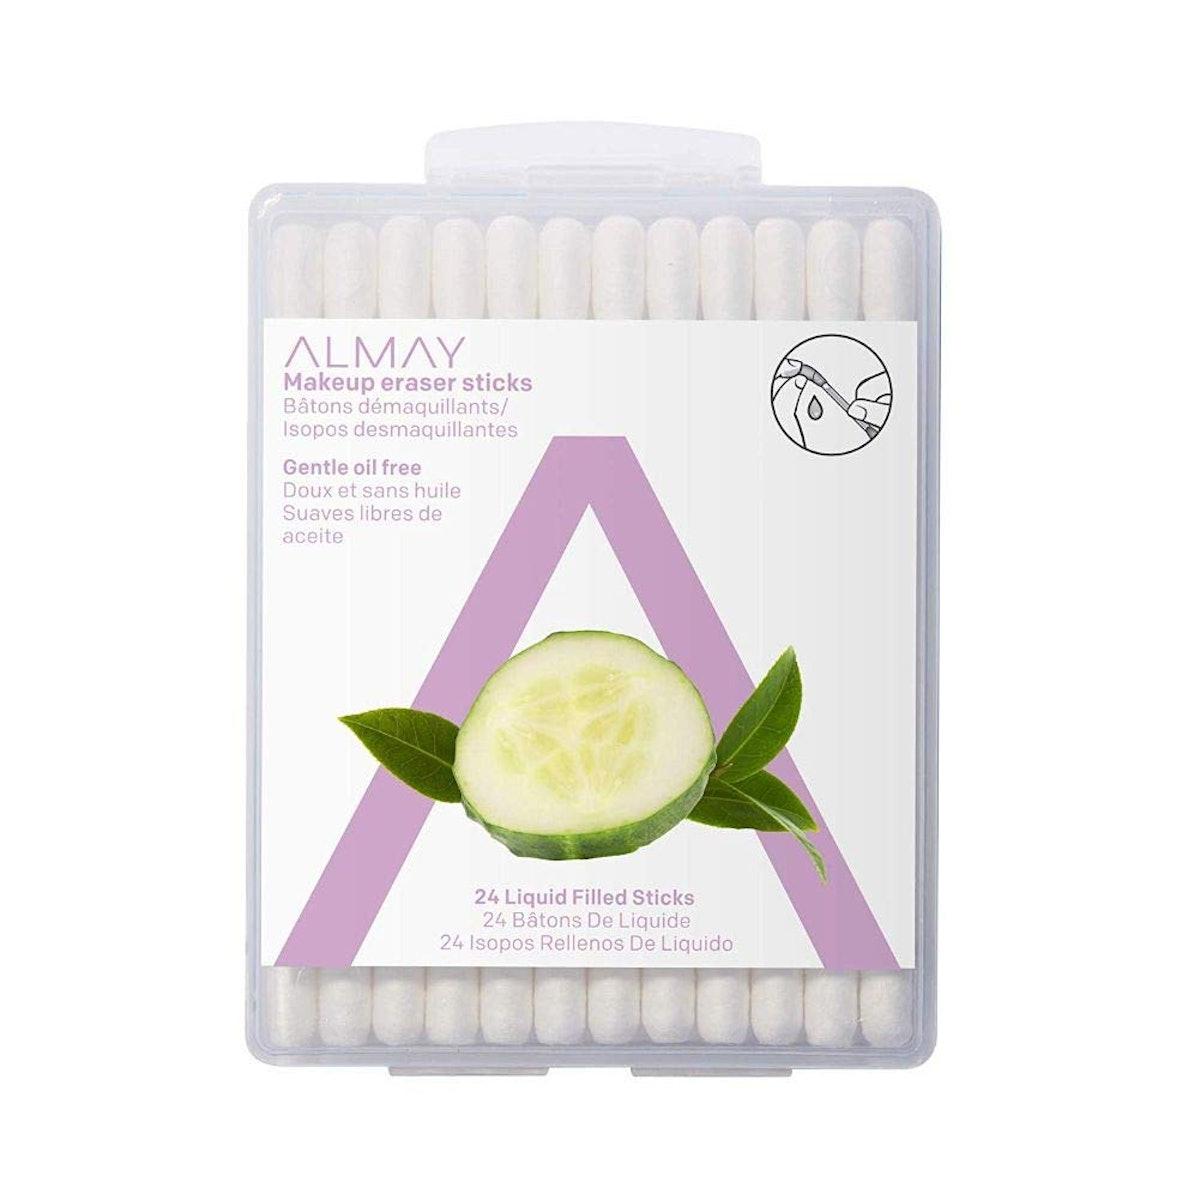 Almay Makeup Eraser Sticks (24-Pack)